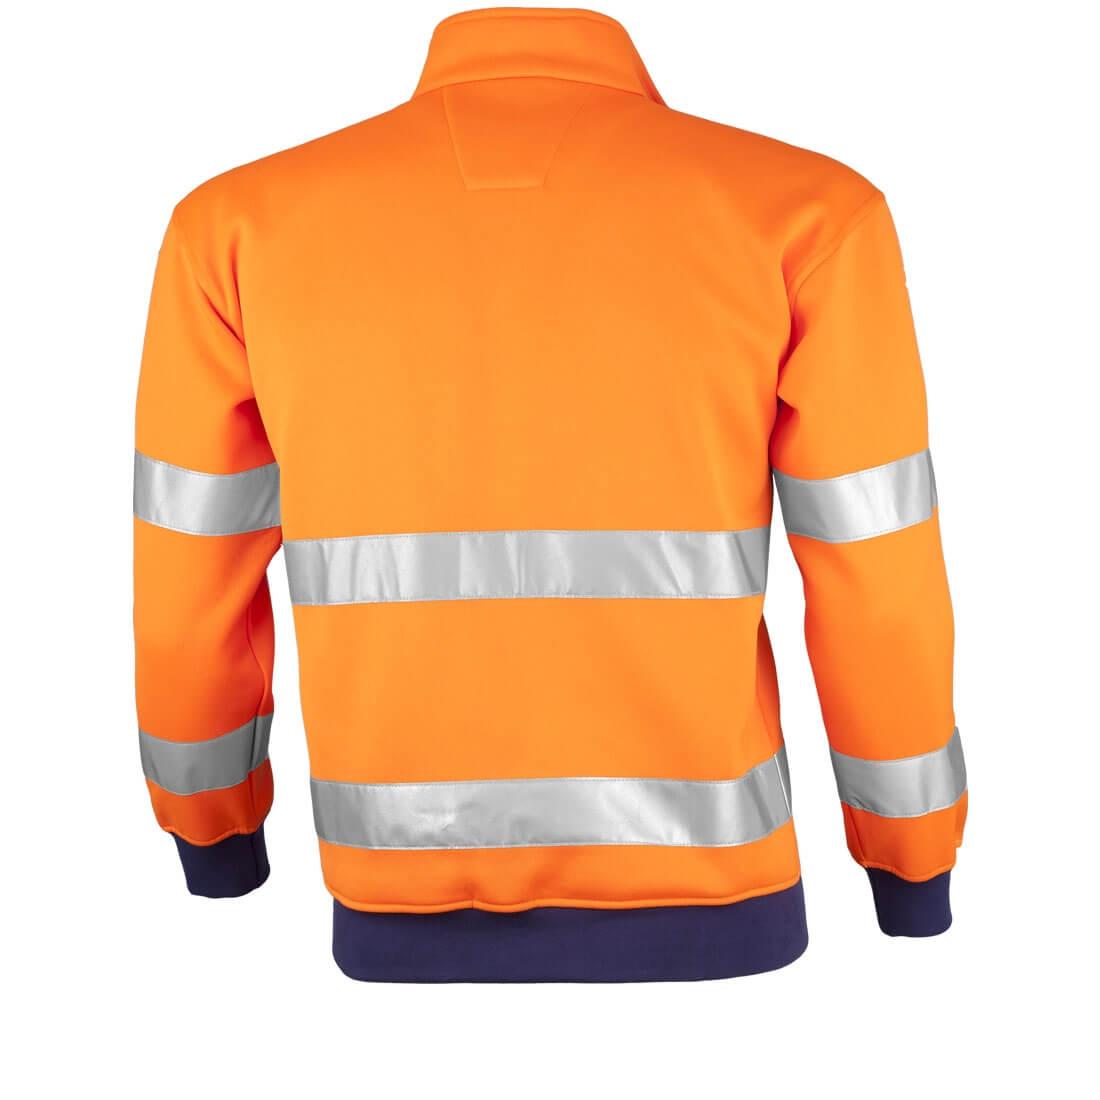 Bluzon HiVis - Imbracaminte de protectie